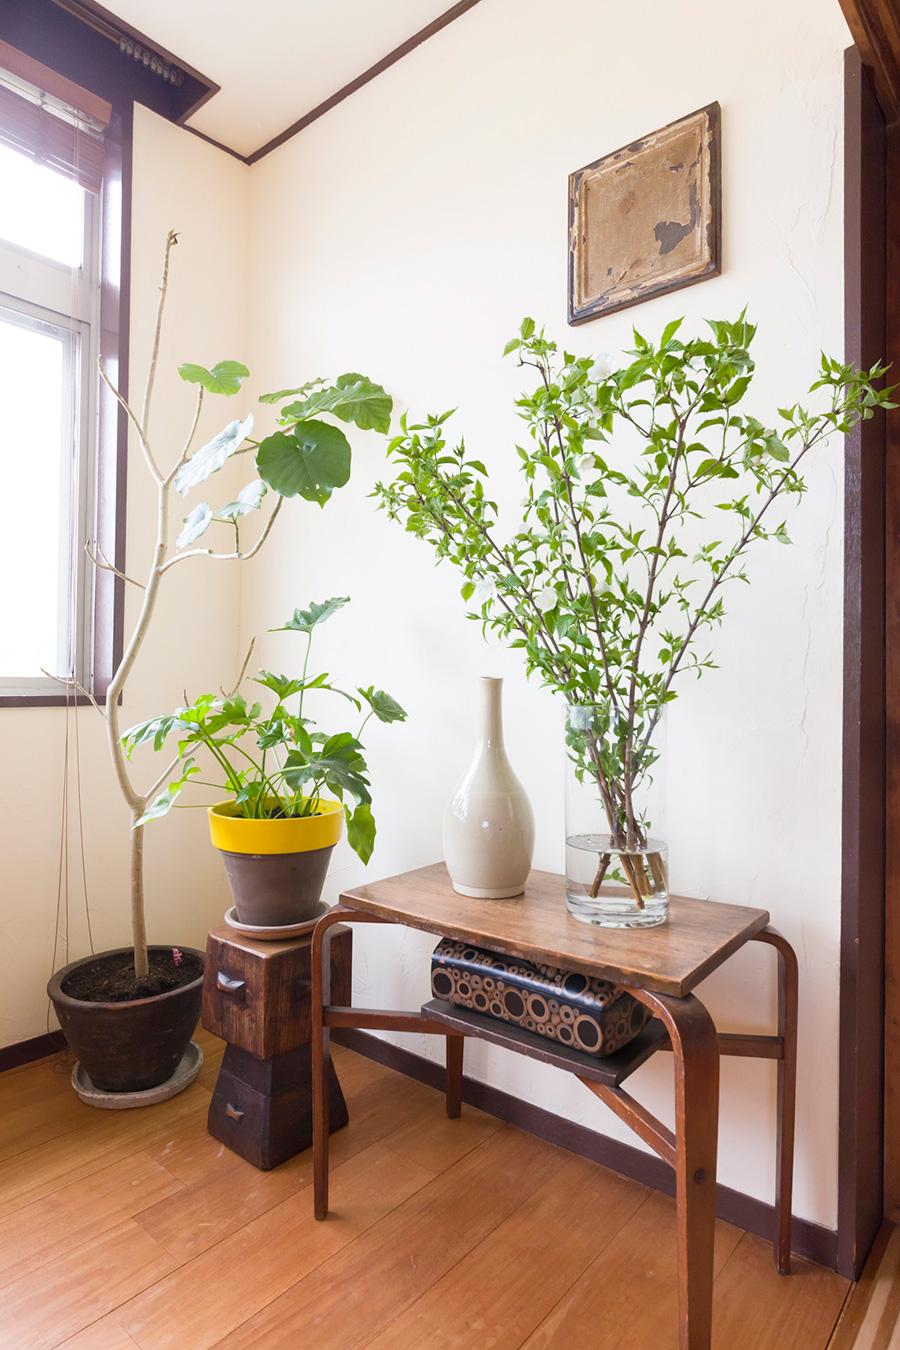 プリミティブな力強い家具や、繊細な細工を施した木箱、歴史を感じさせる焼き物など、石原さんのセンスで集められたものたち。